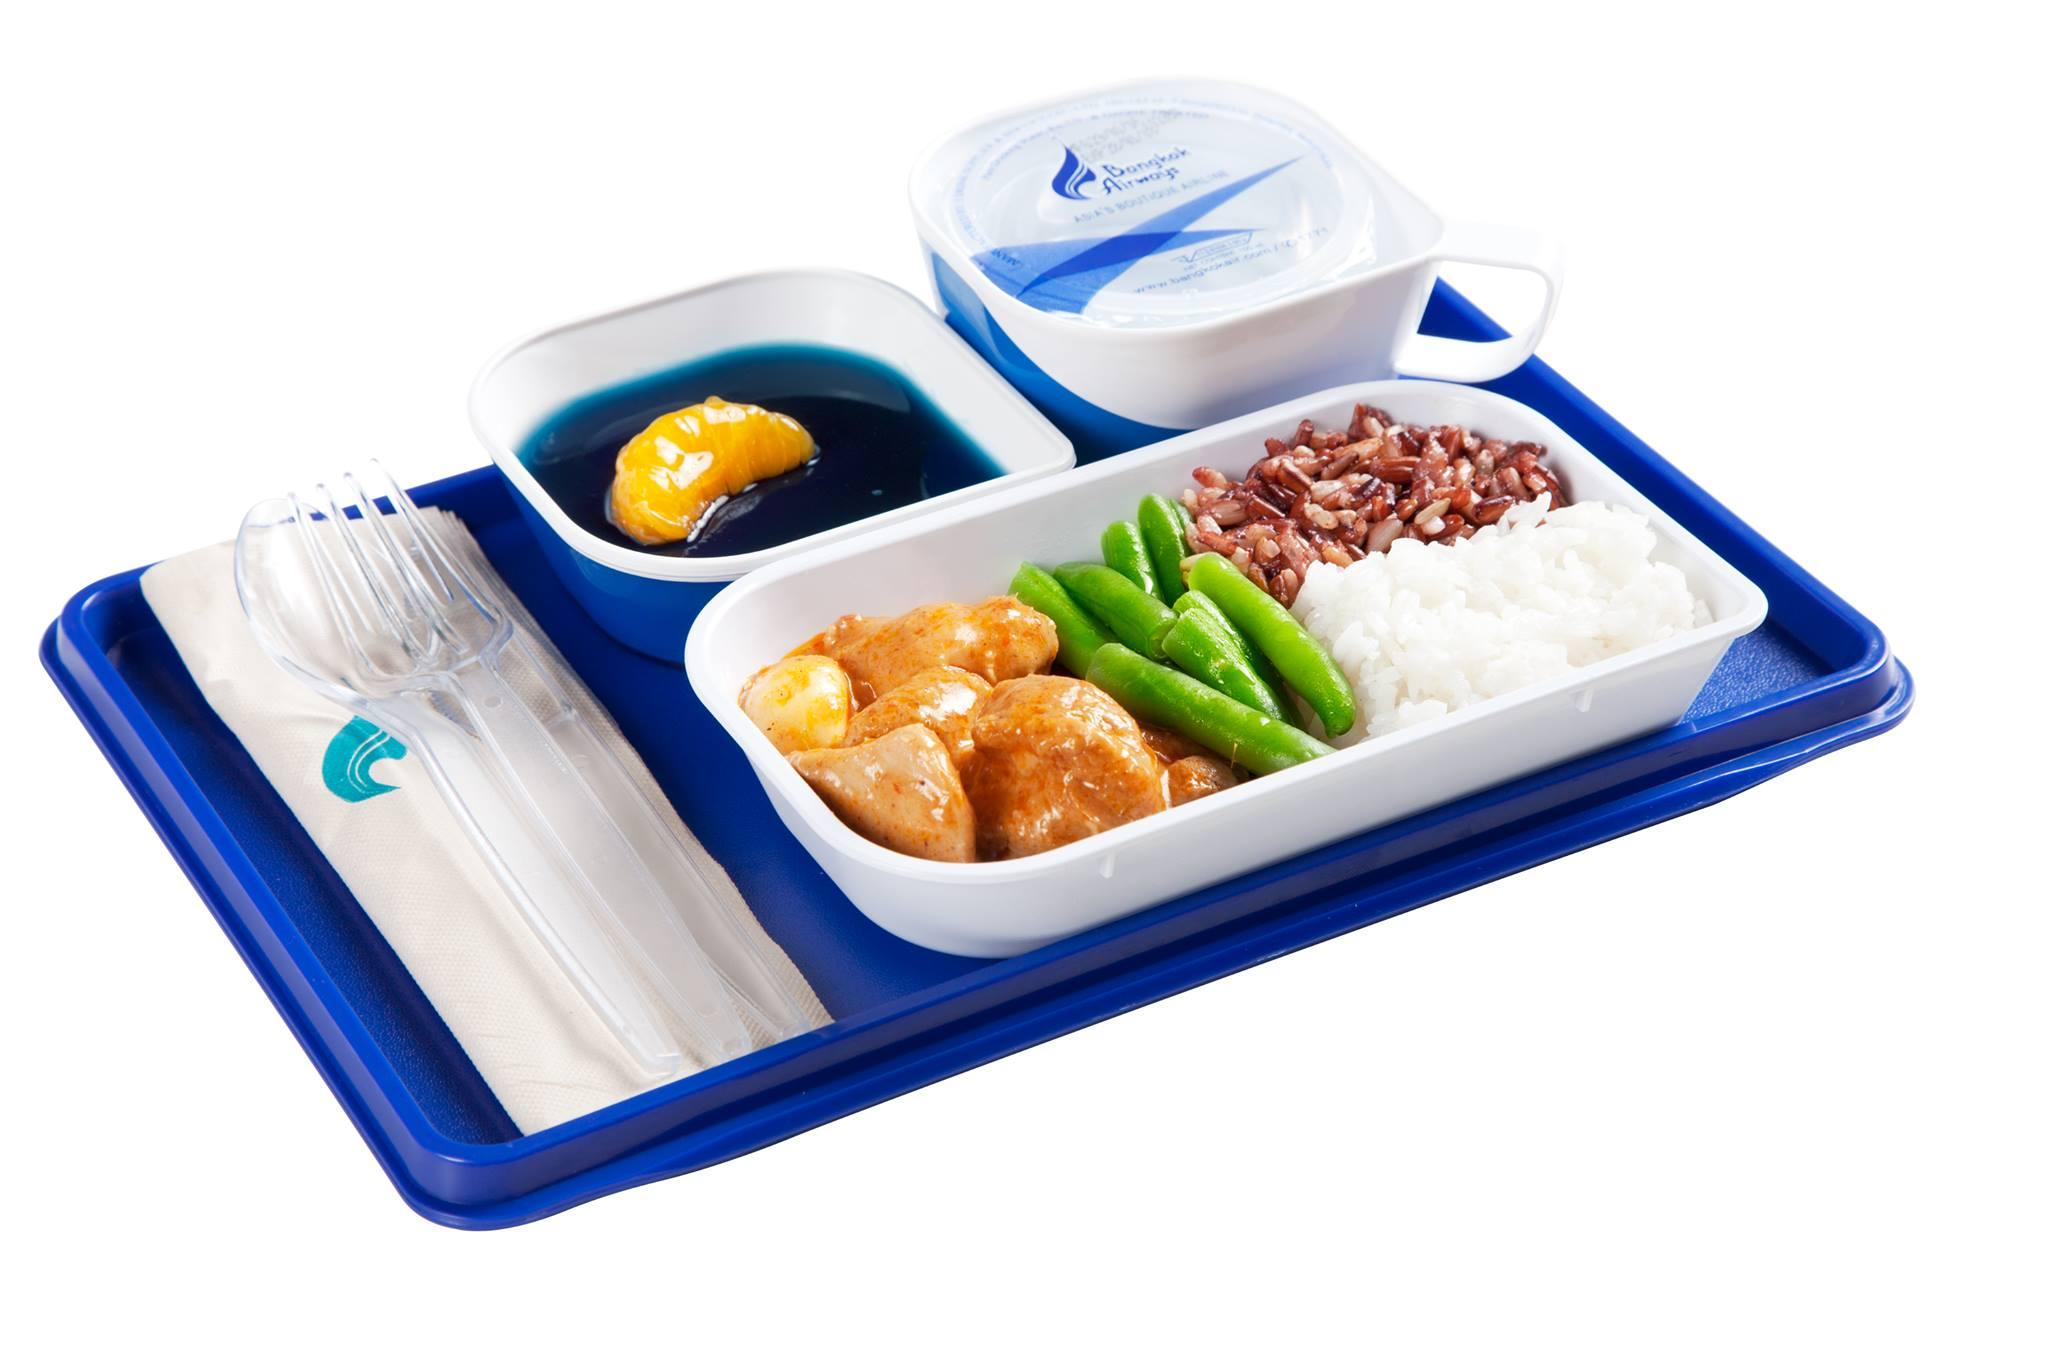 แกงฮังเลไก่สไตล์ภาคเหนือ ทานคู่กับข้าวกล้องและข้าวหอมมะลิ เสิร์ฟพร้อมวุ้นอัญชัญ ใส่กลีบส้มแมนดาริน